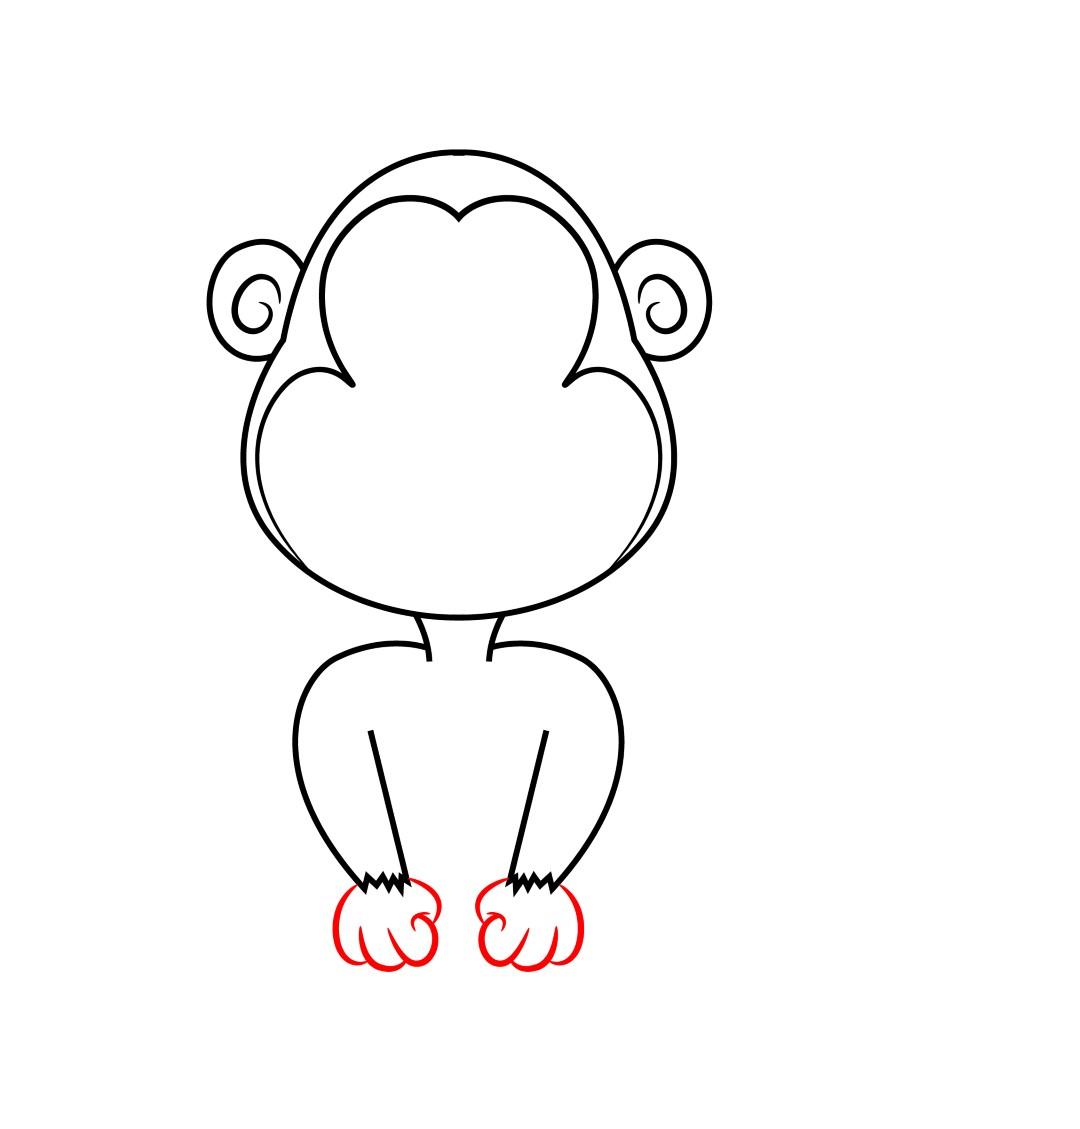 1080x1129 How To Draw A Cartoon Monkey